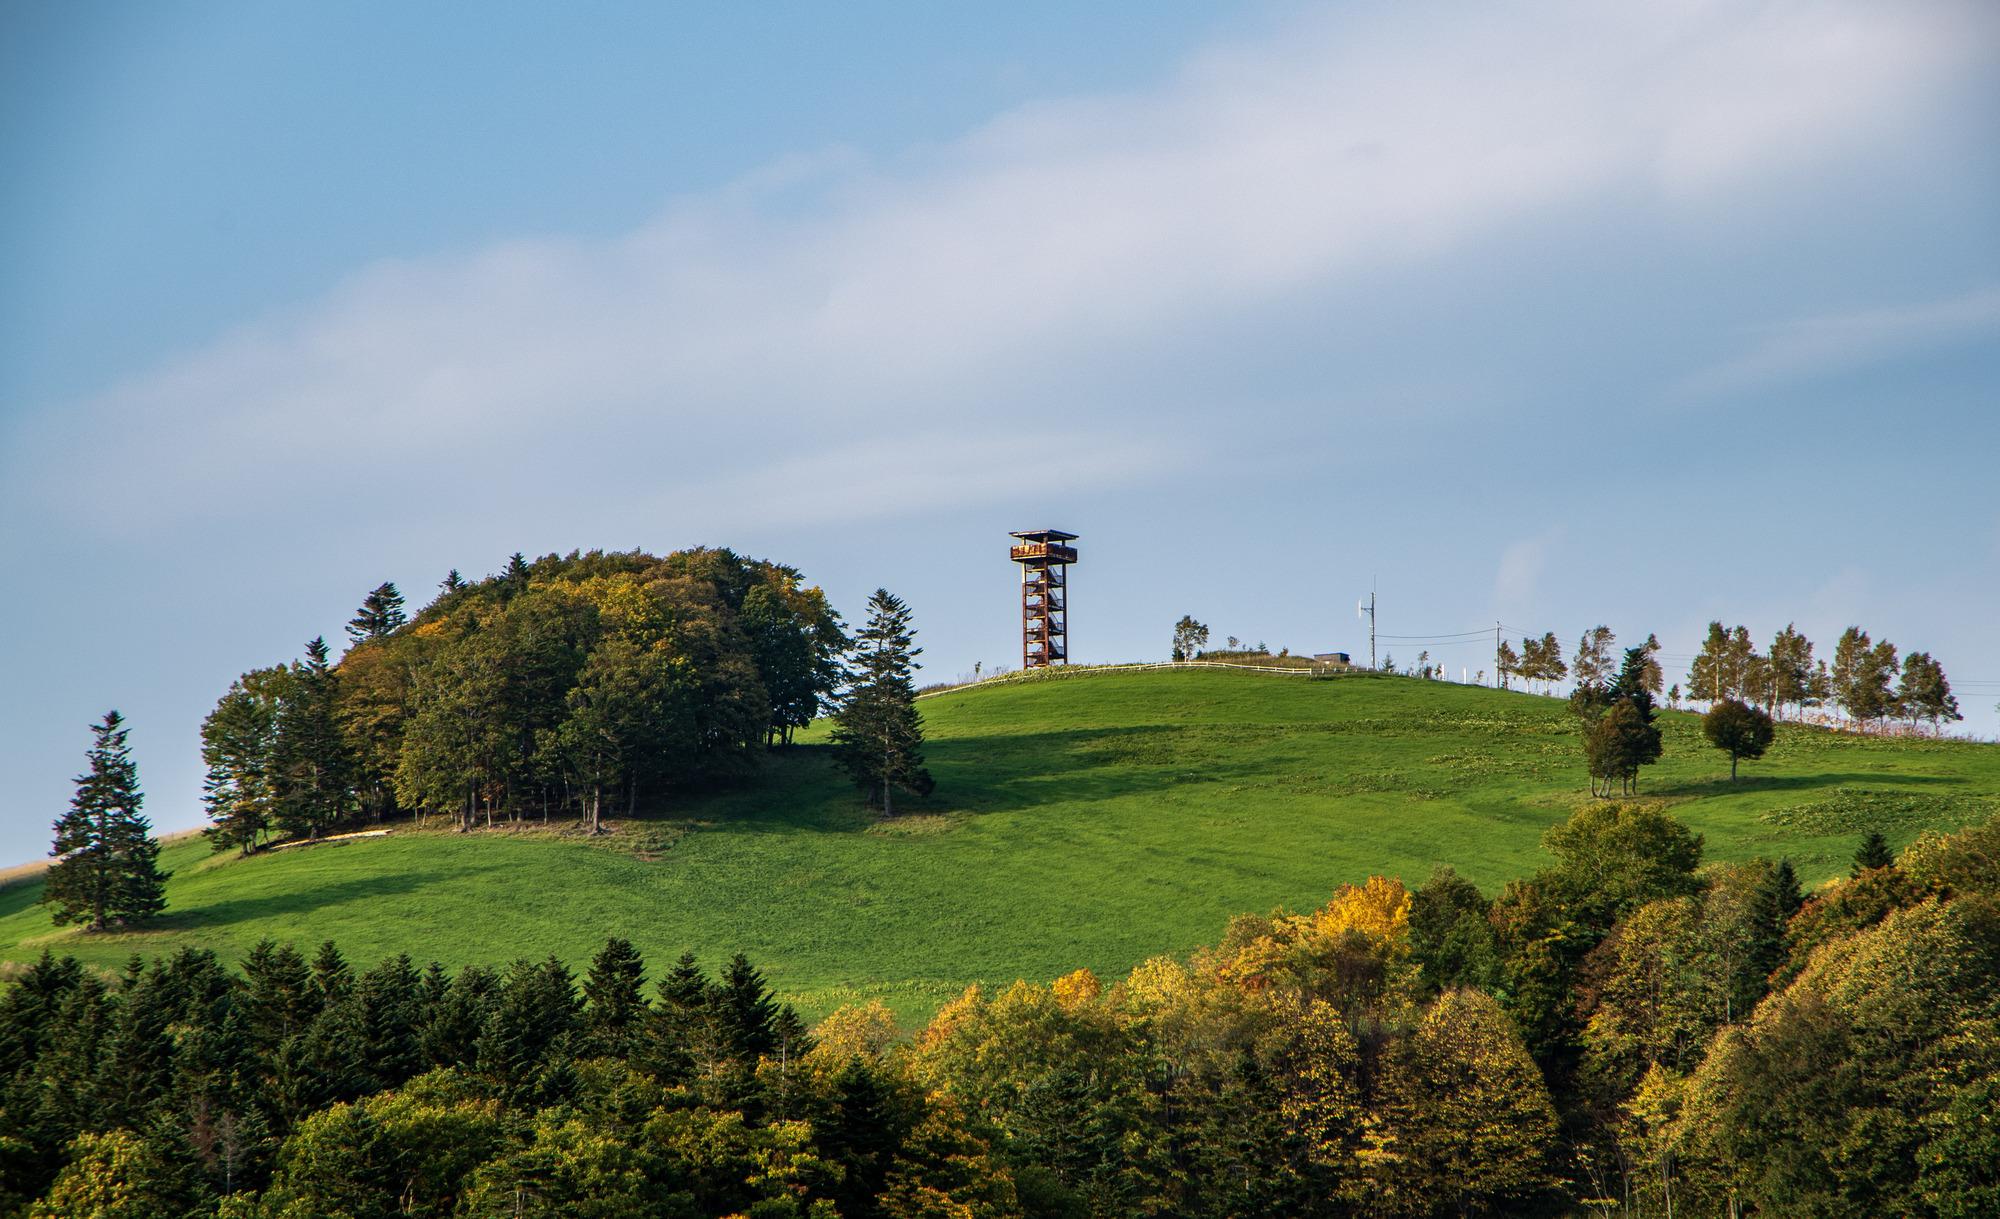 秋の下川町サンル牧場の風景